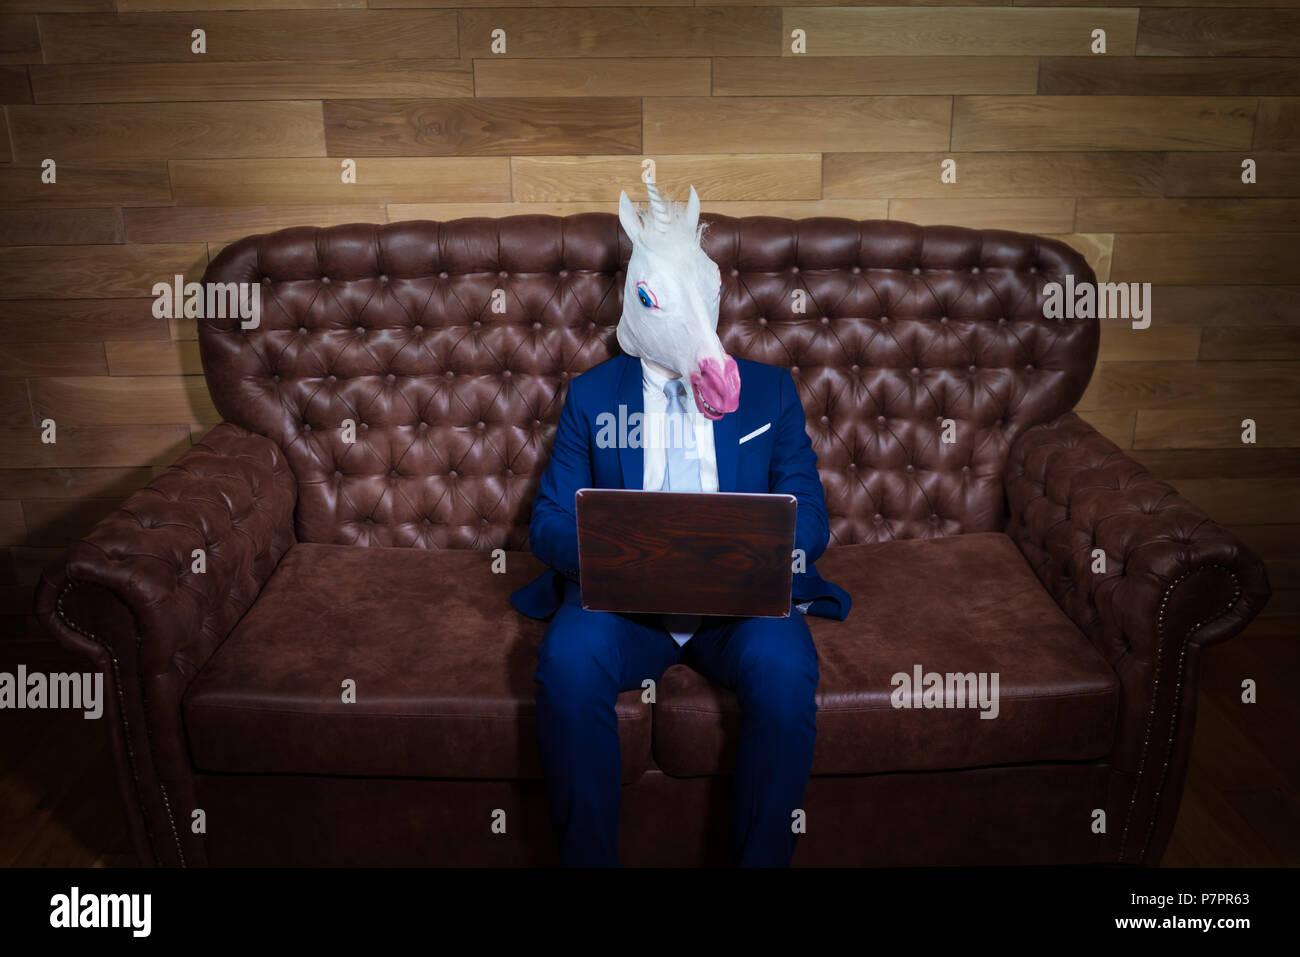 Fremder Mann Im Eleganten Anzug Zu Hause Arbeiten Im Buro Ungewohnliche Junge Manager In Komischen Maske Lustige Einhorn Sitzt Auf Einem Sofa Wie Boss Stockfotografie Alamy